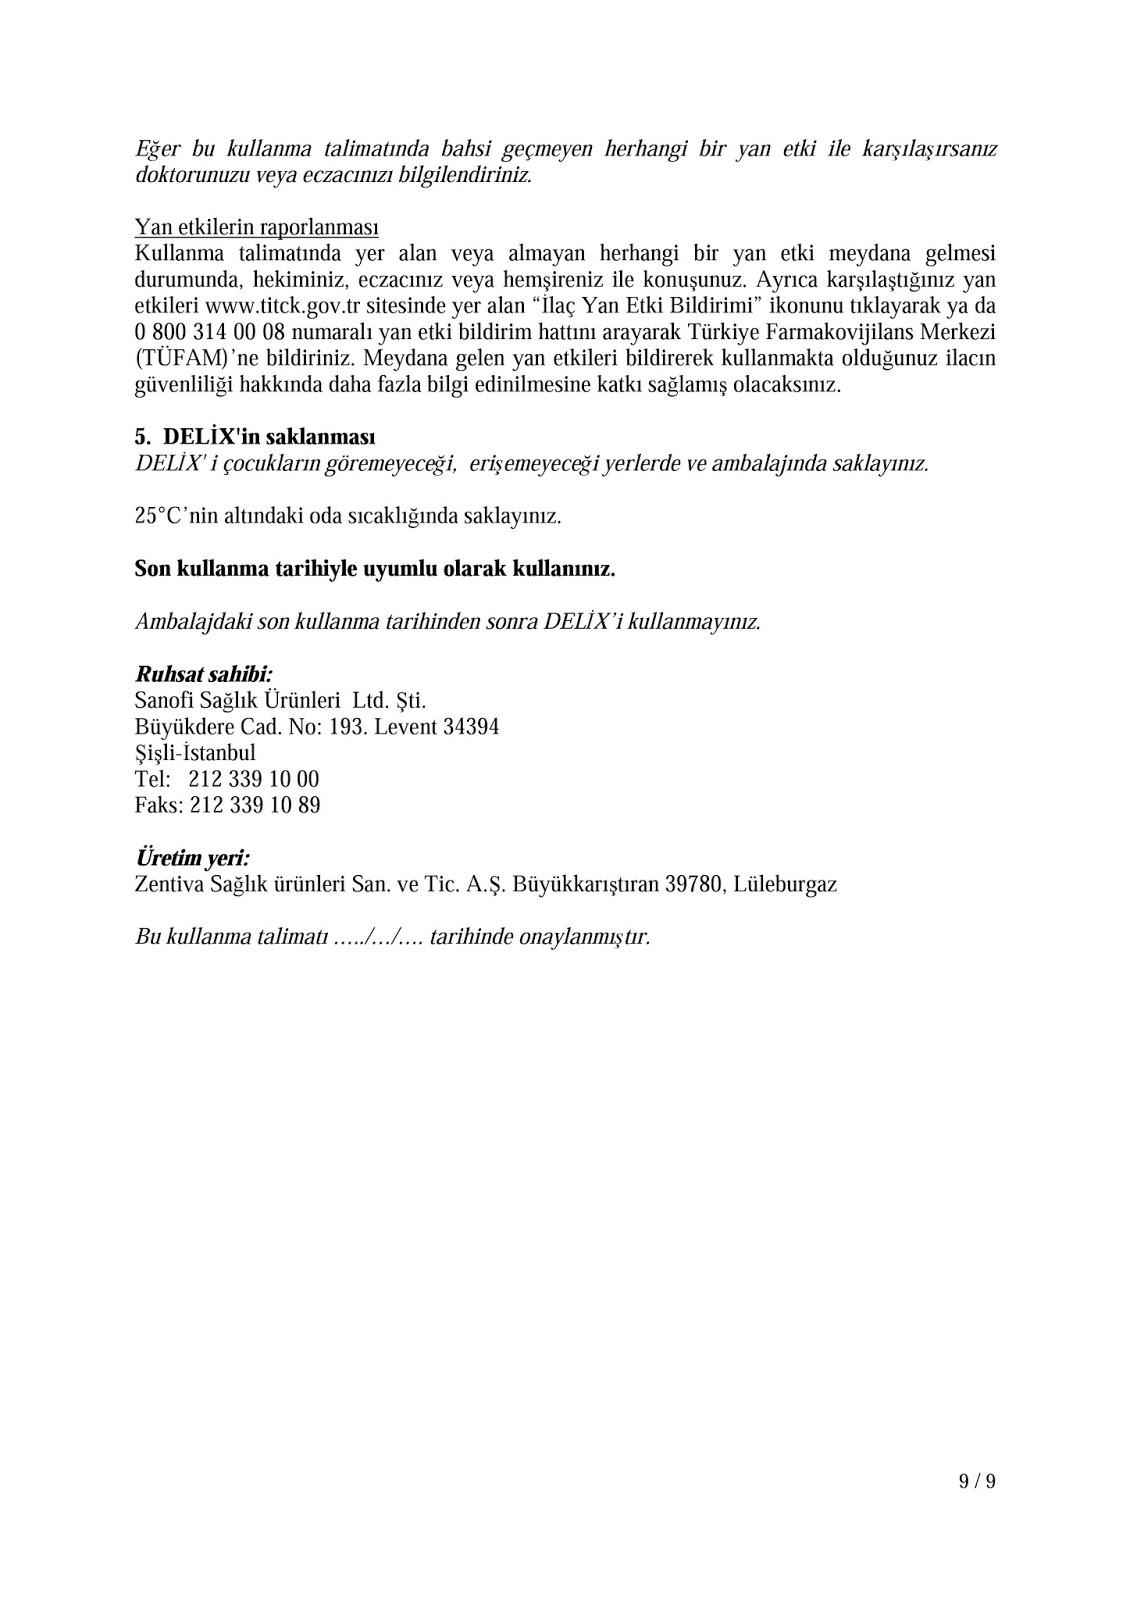 Mokka-Opel: sahiplerden gelen geribildirimler ve sadece 34